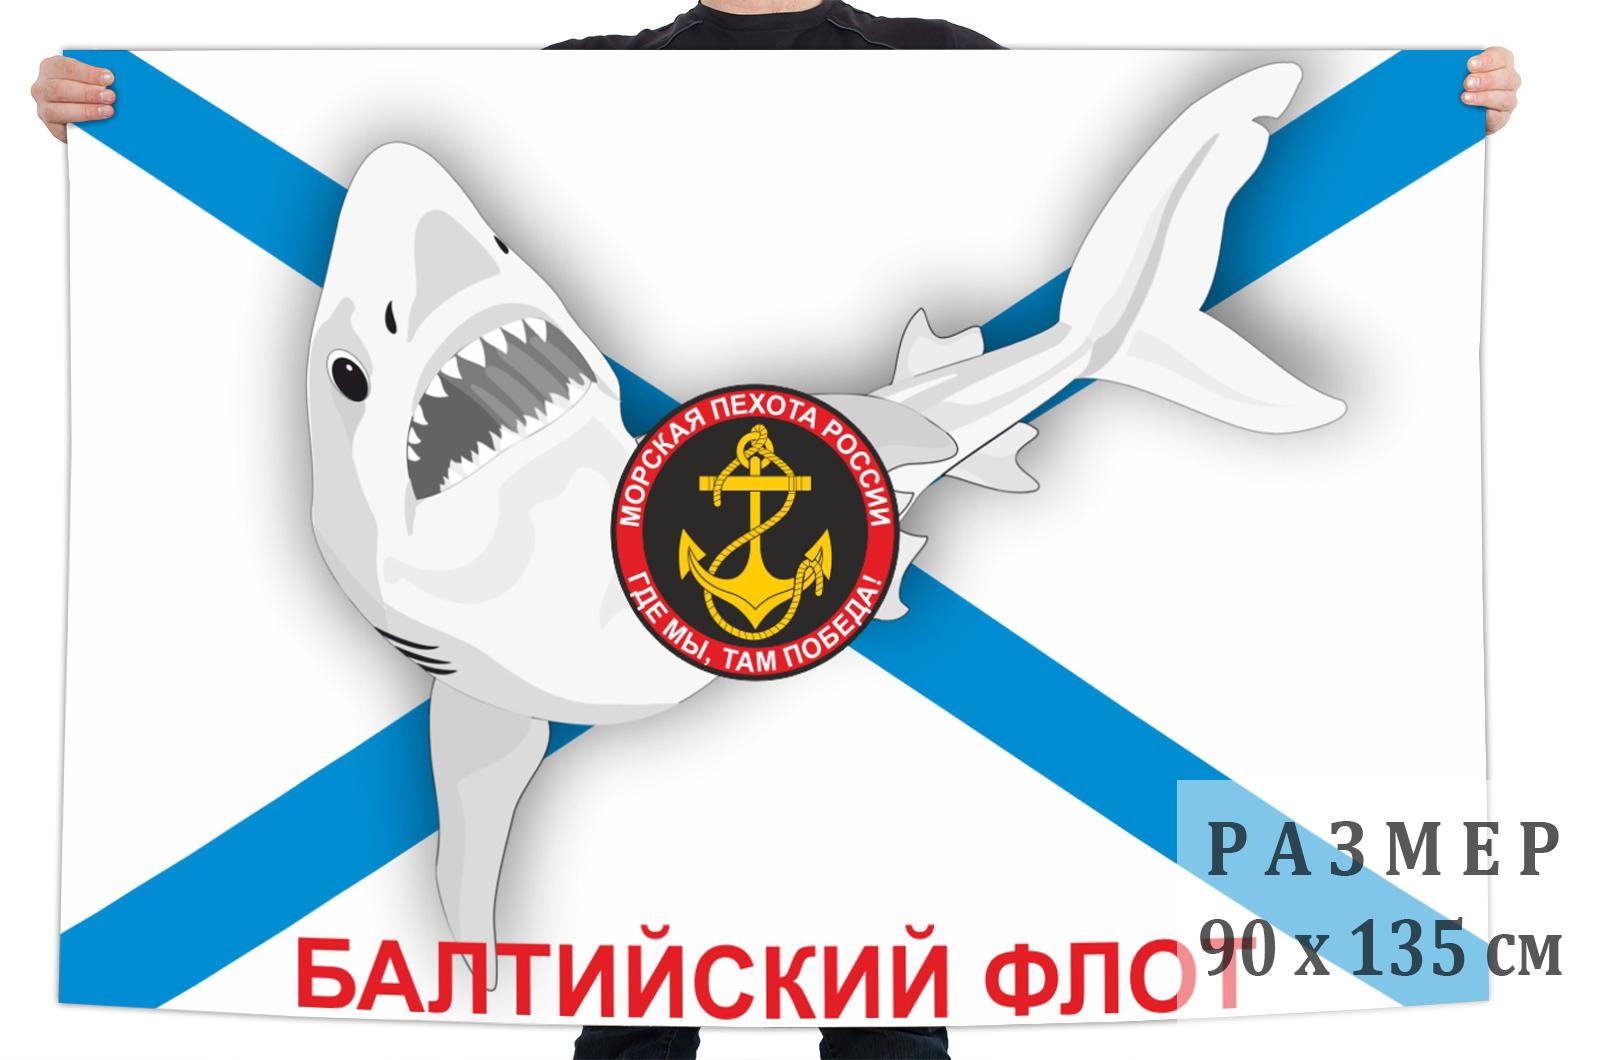 Флаг морской пехоты Балтийского флота России